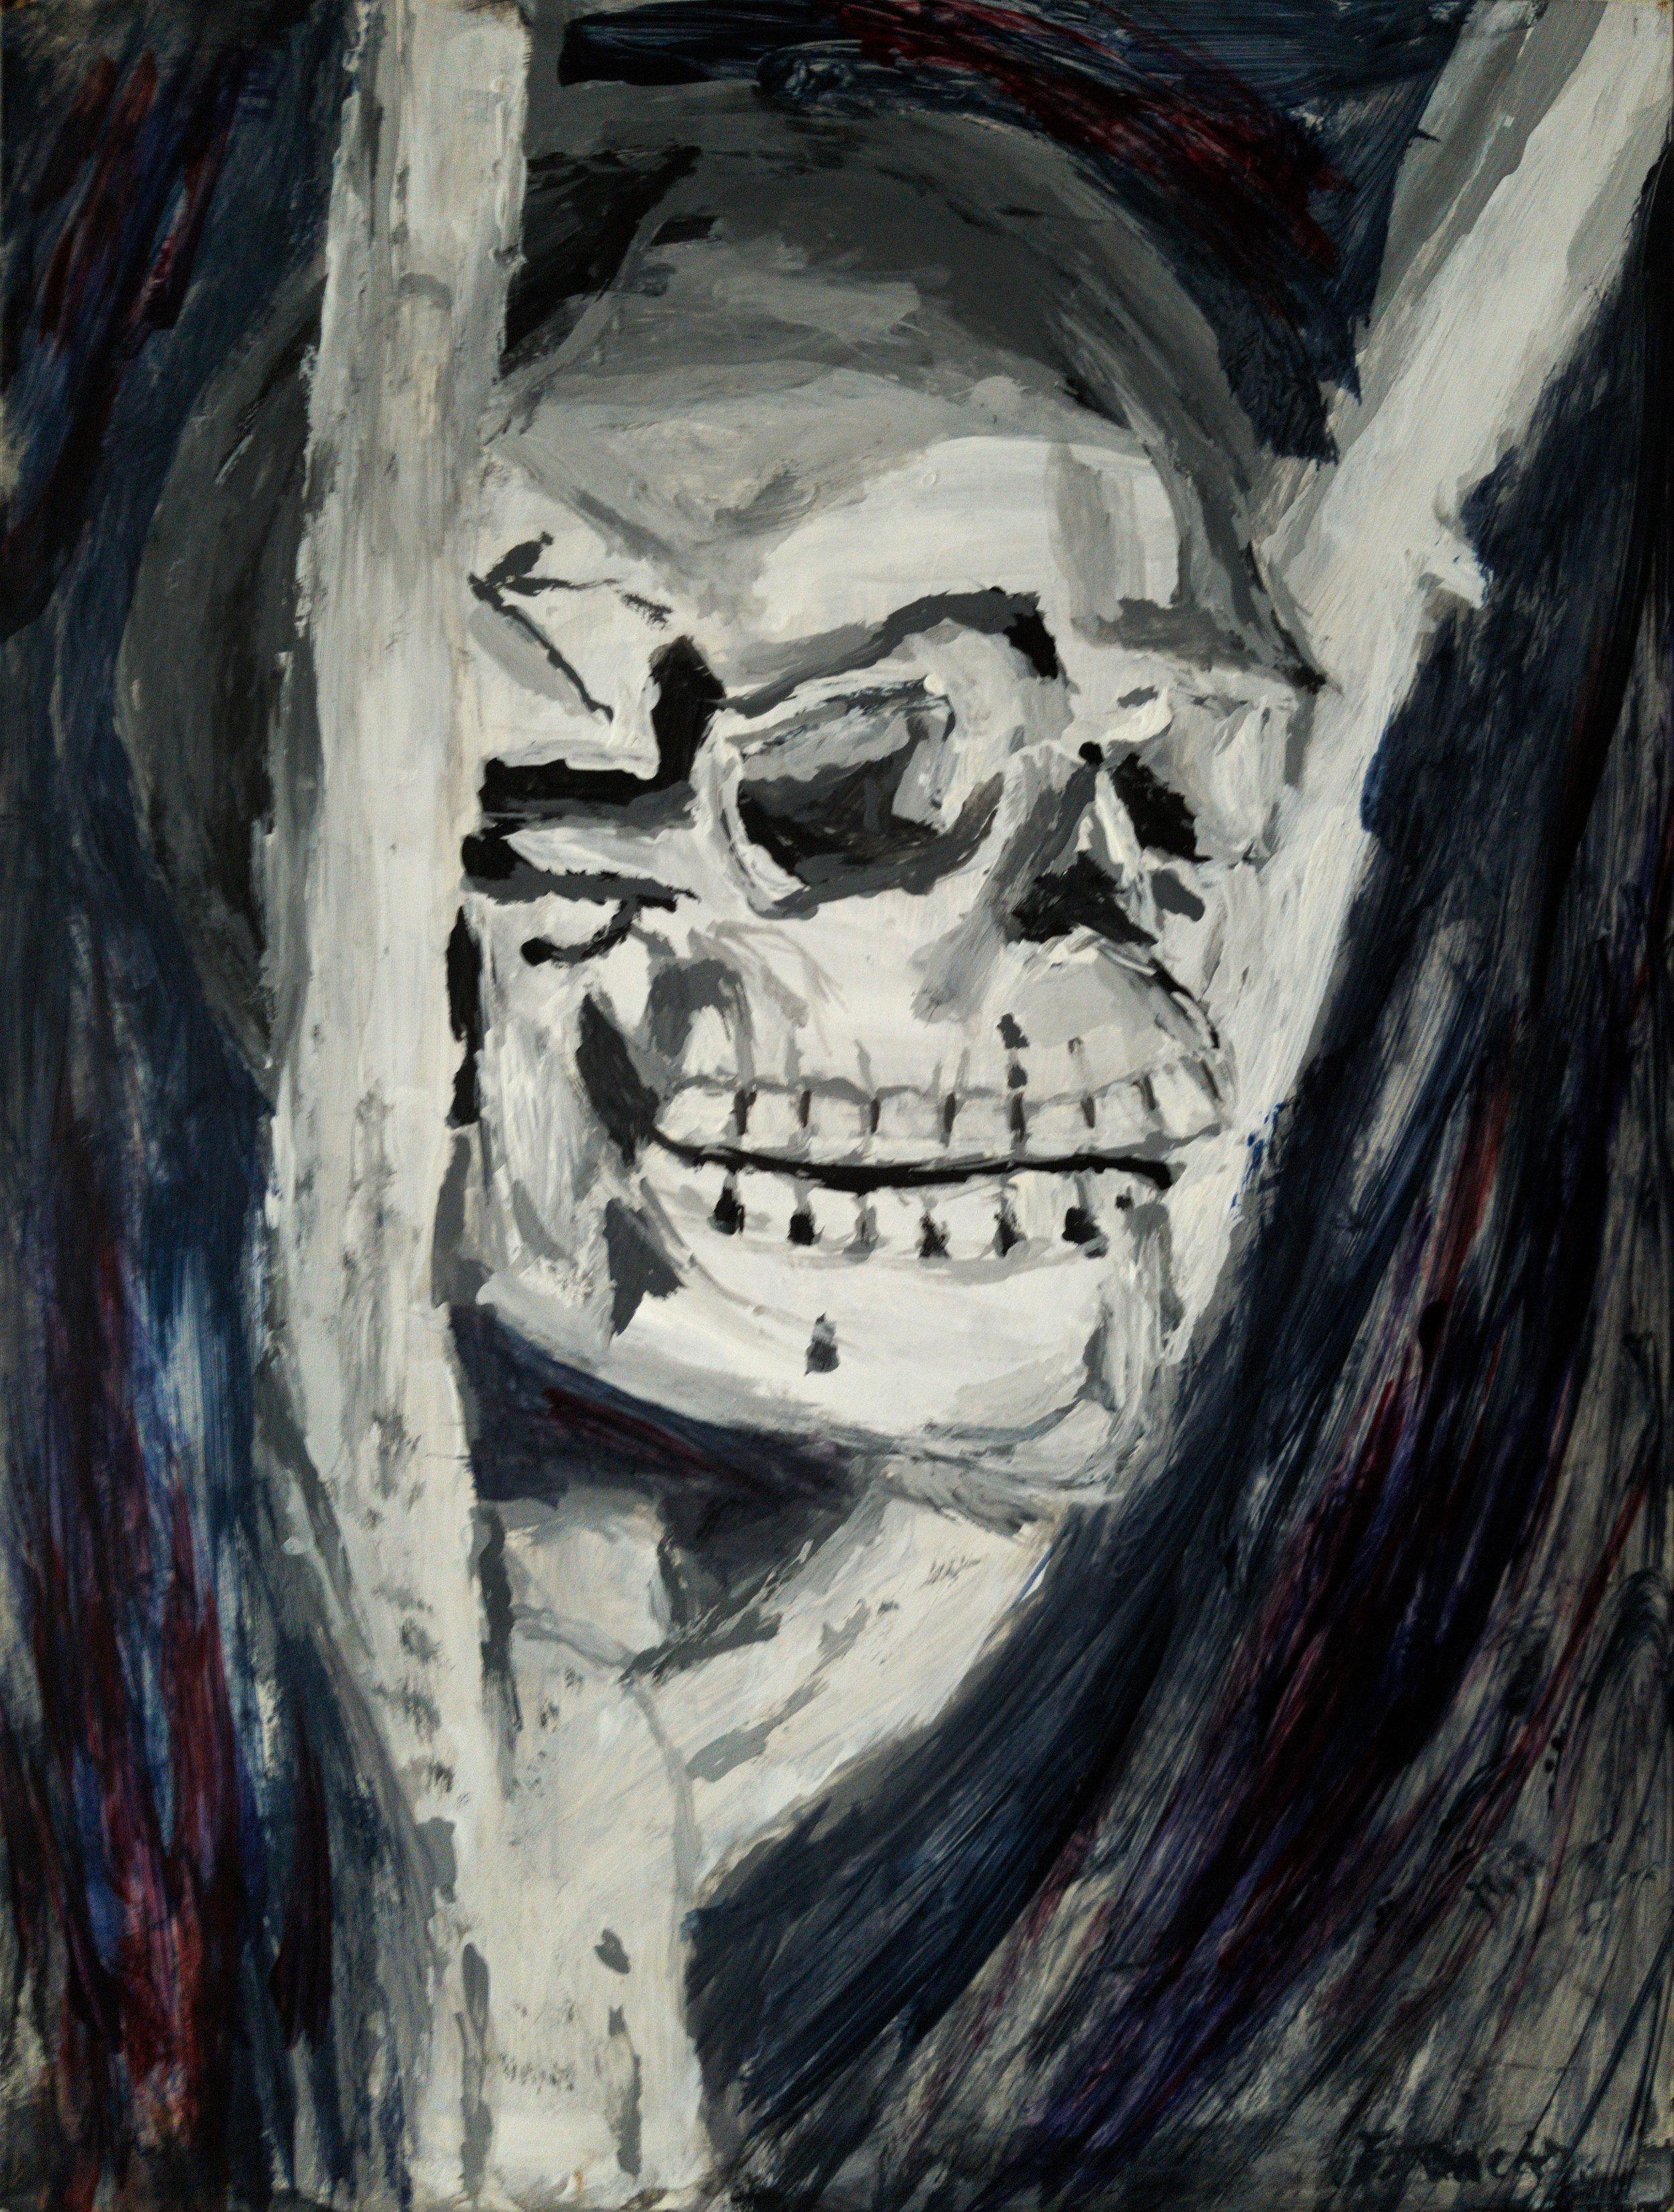 Skull Still-Life